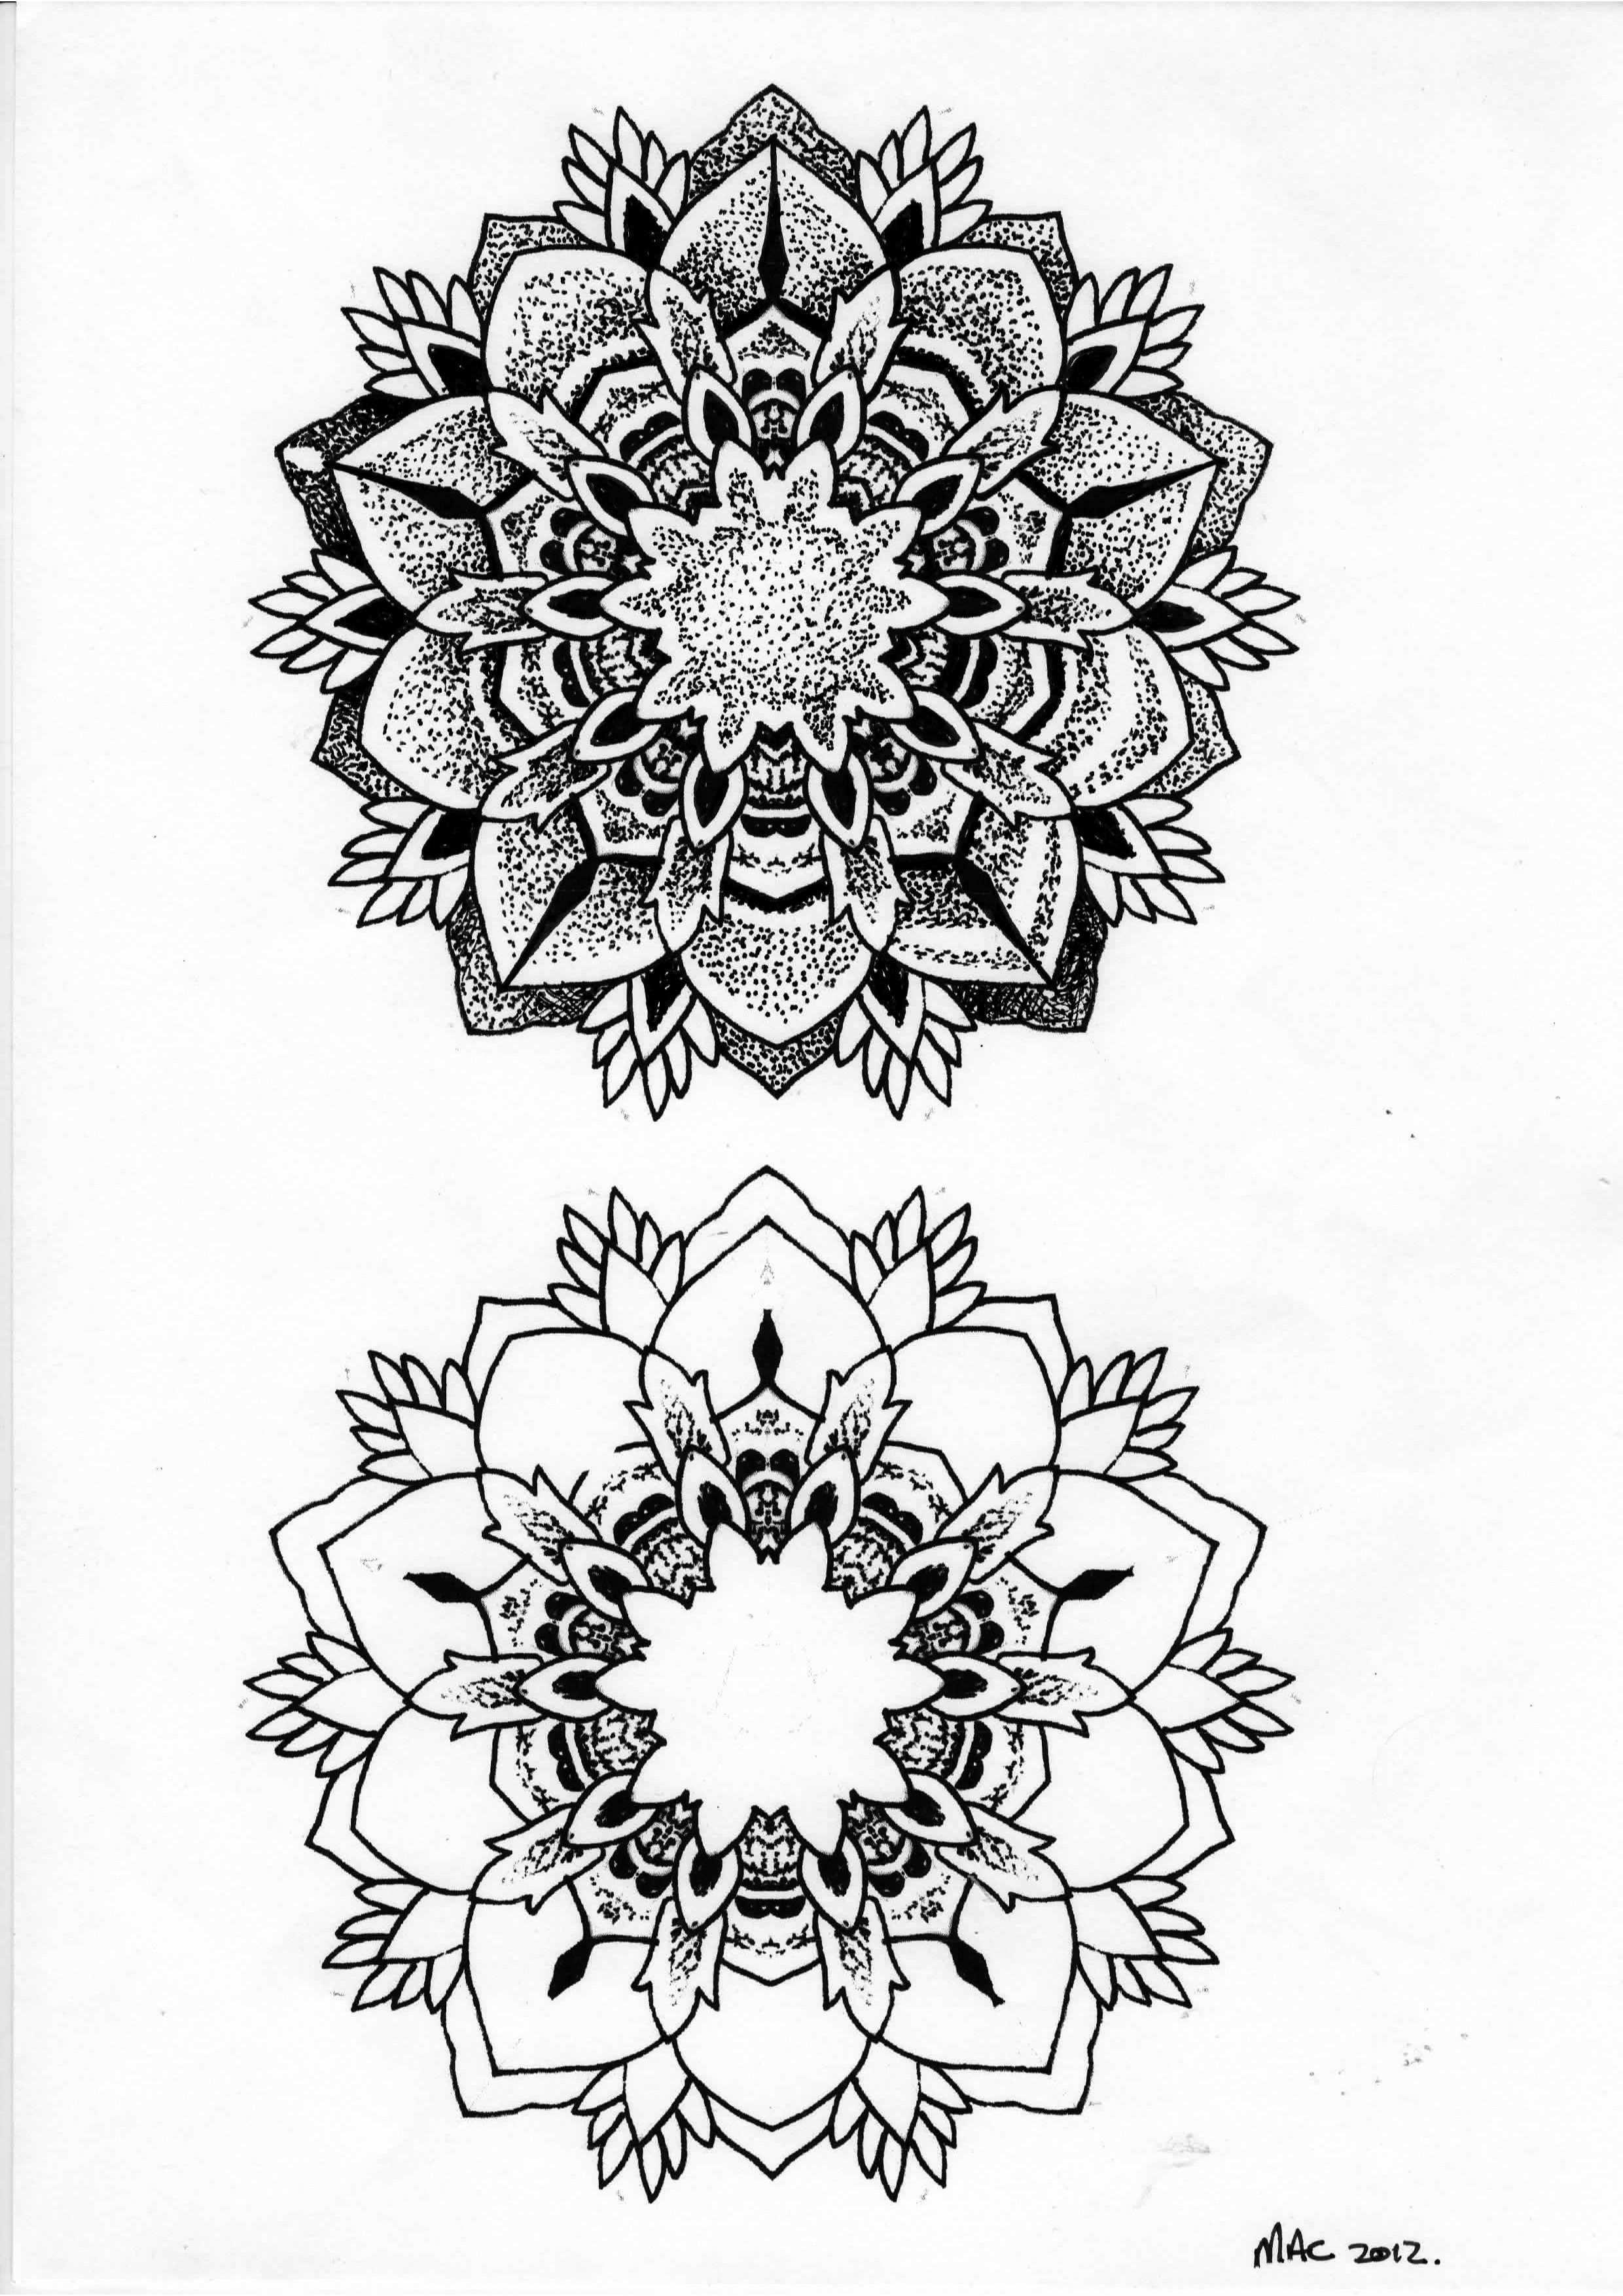 Art Gallery Stateofgrace De Tatoo Tatuagem Mandala Tatuagens Inspiradoras